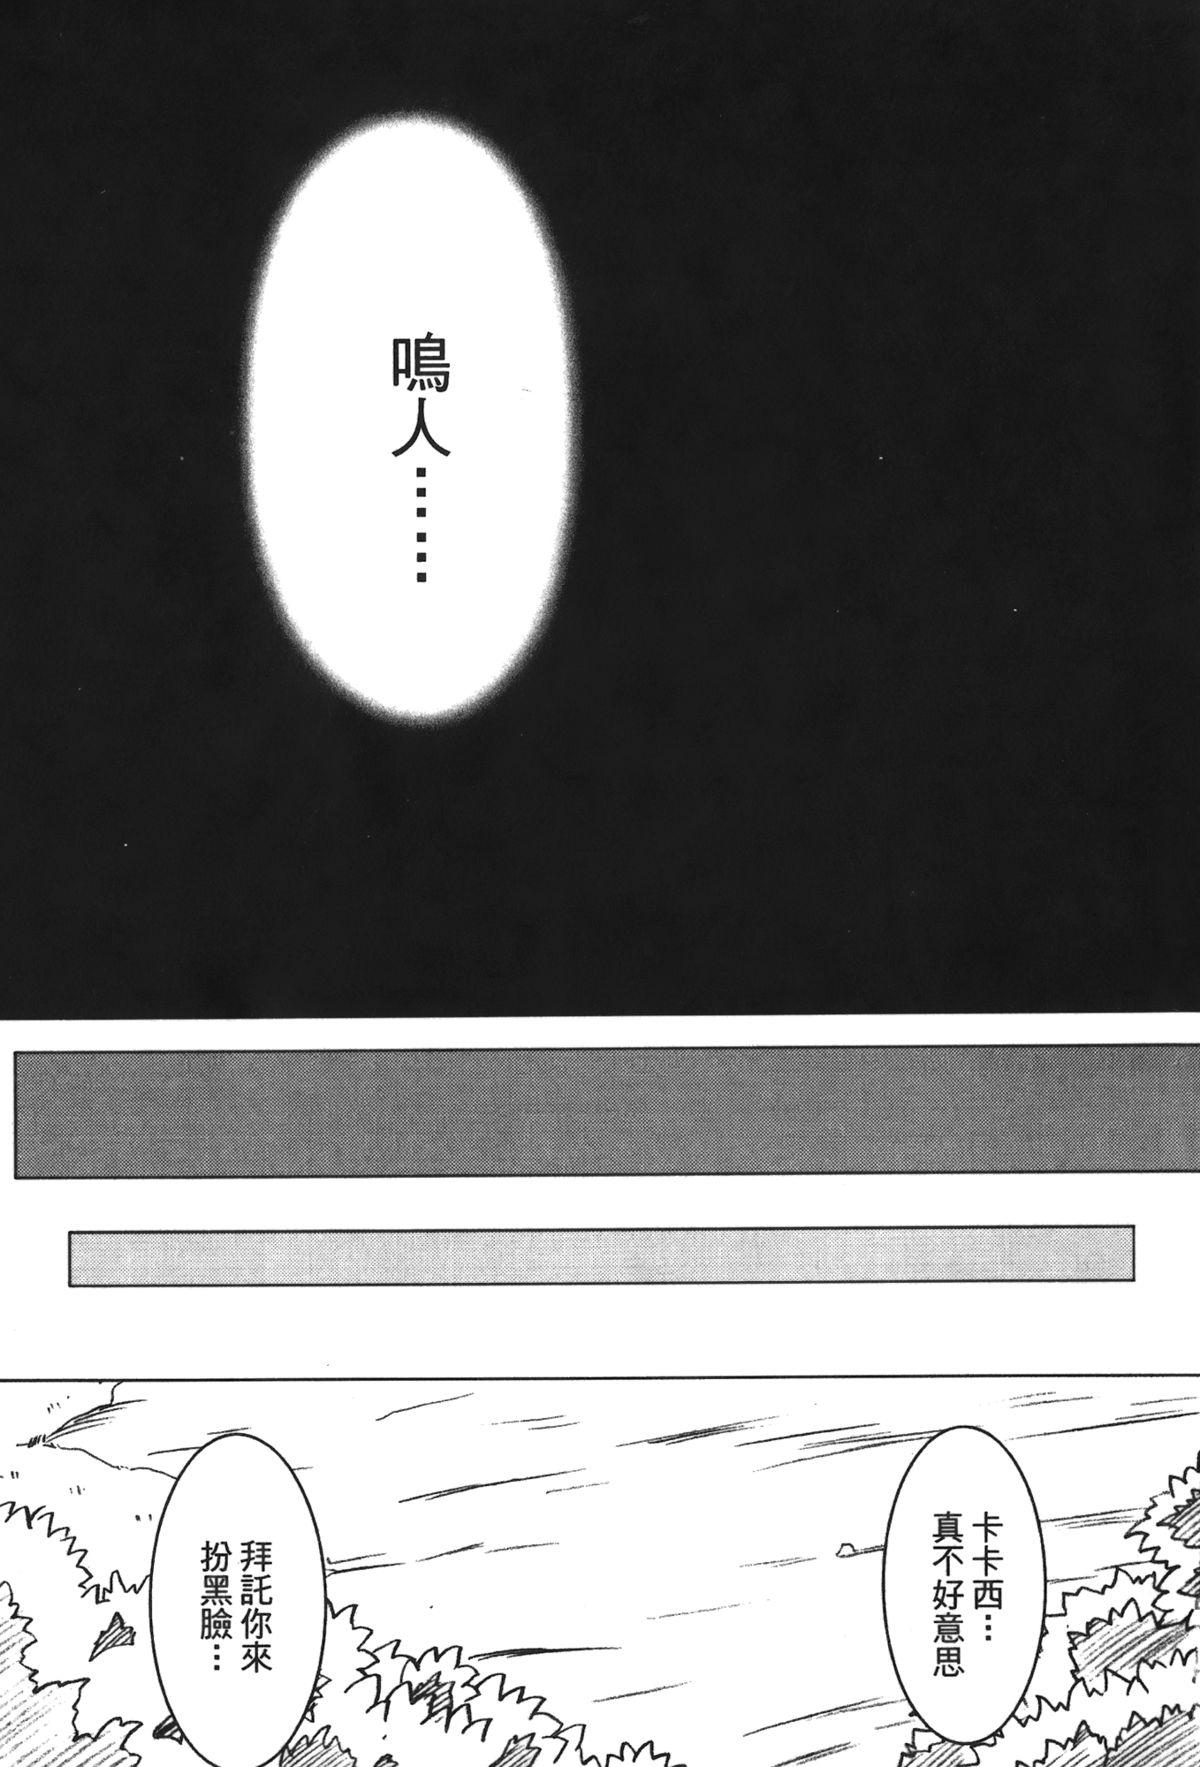 火影忍传第叁卷03